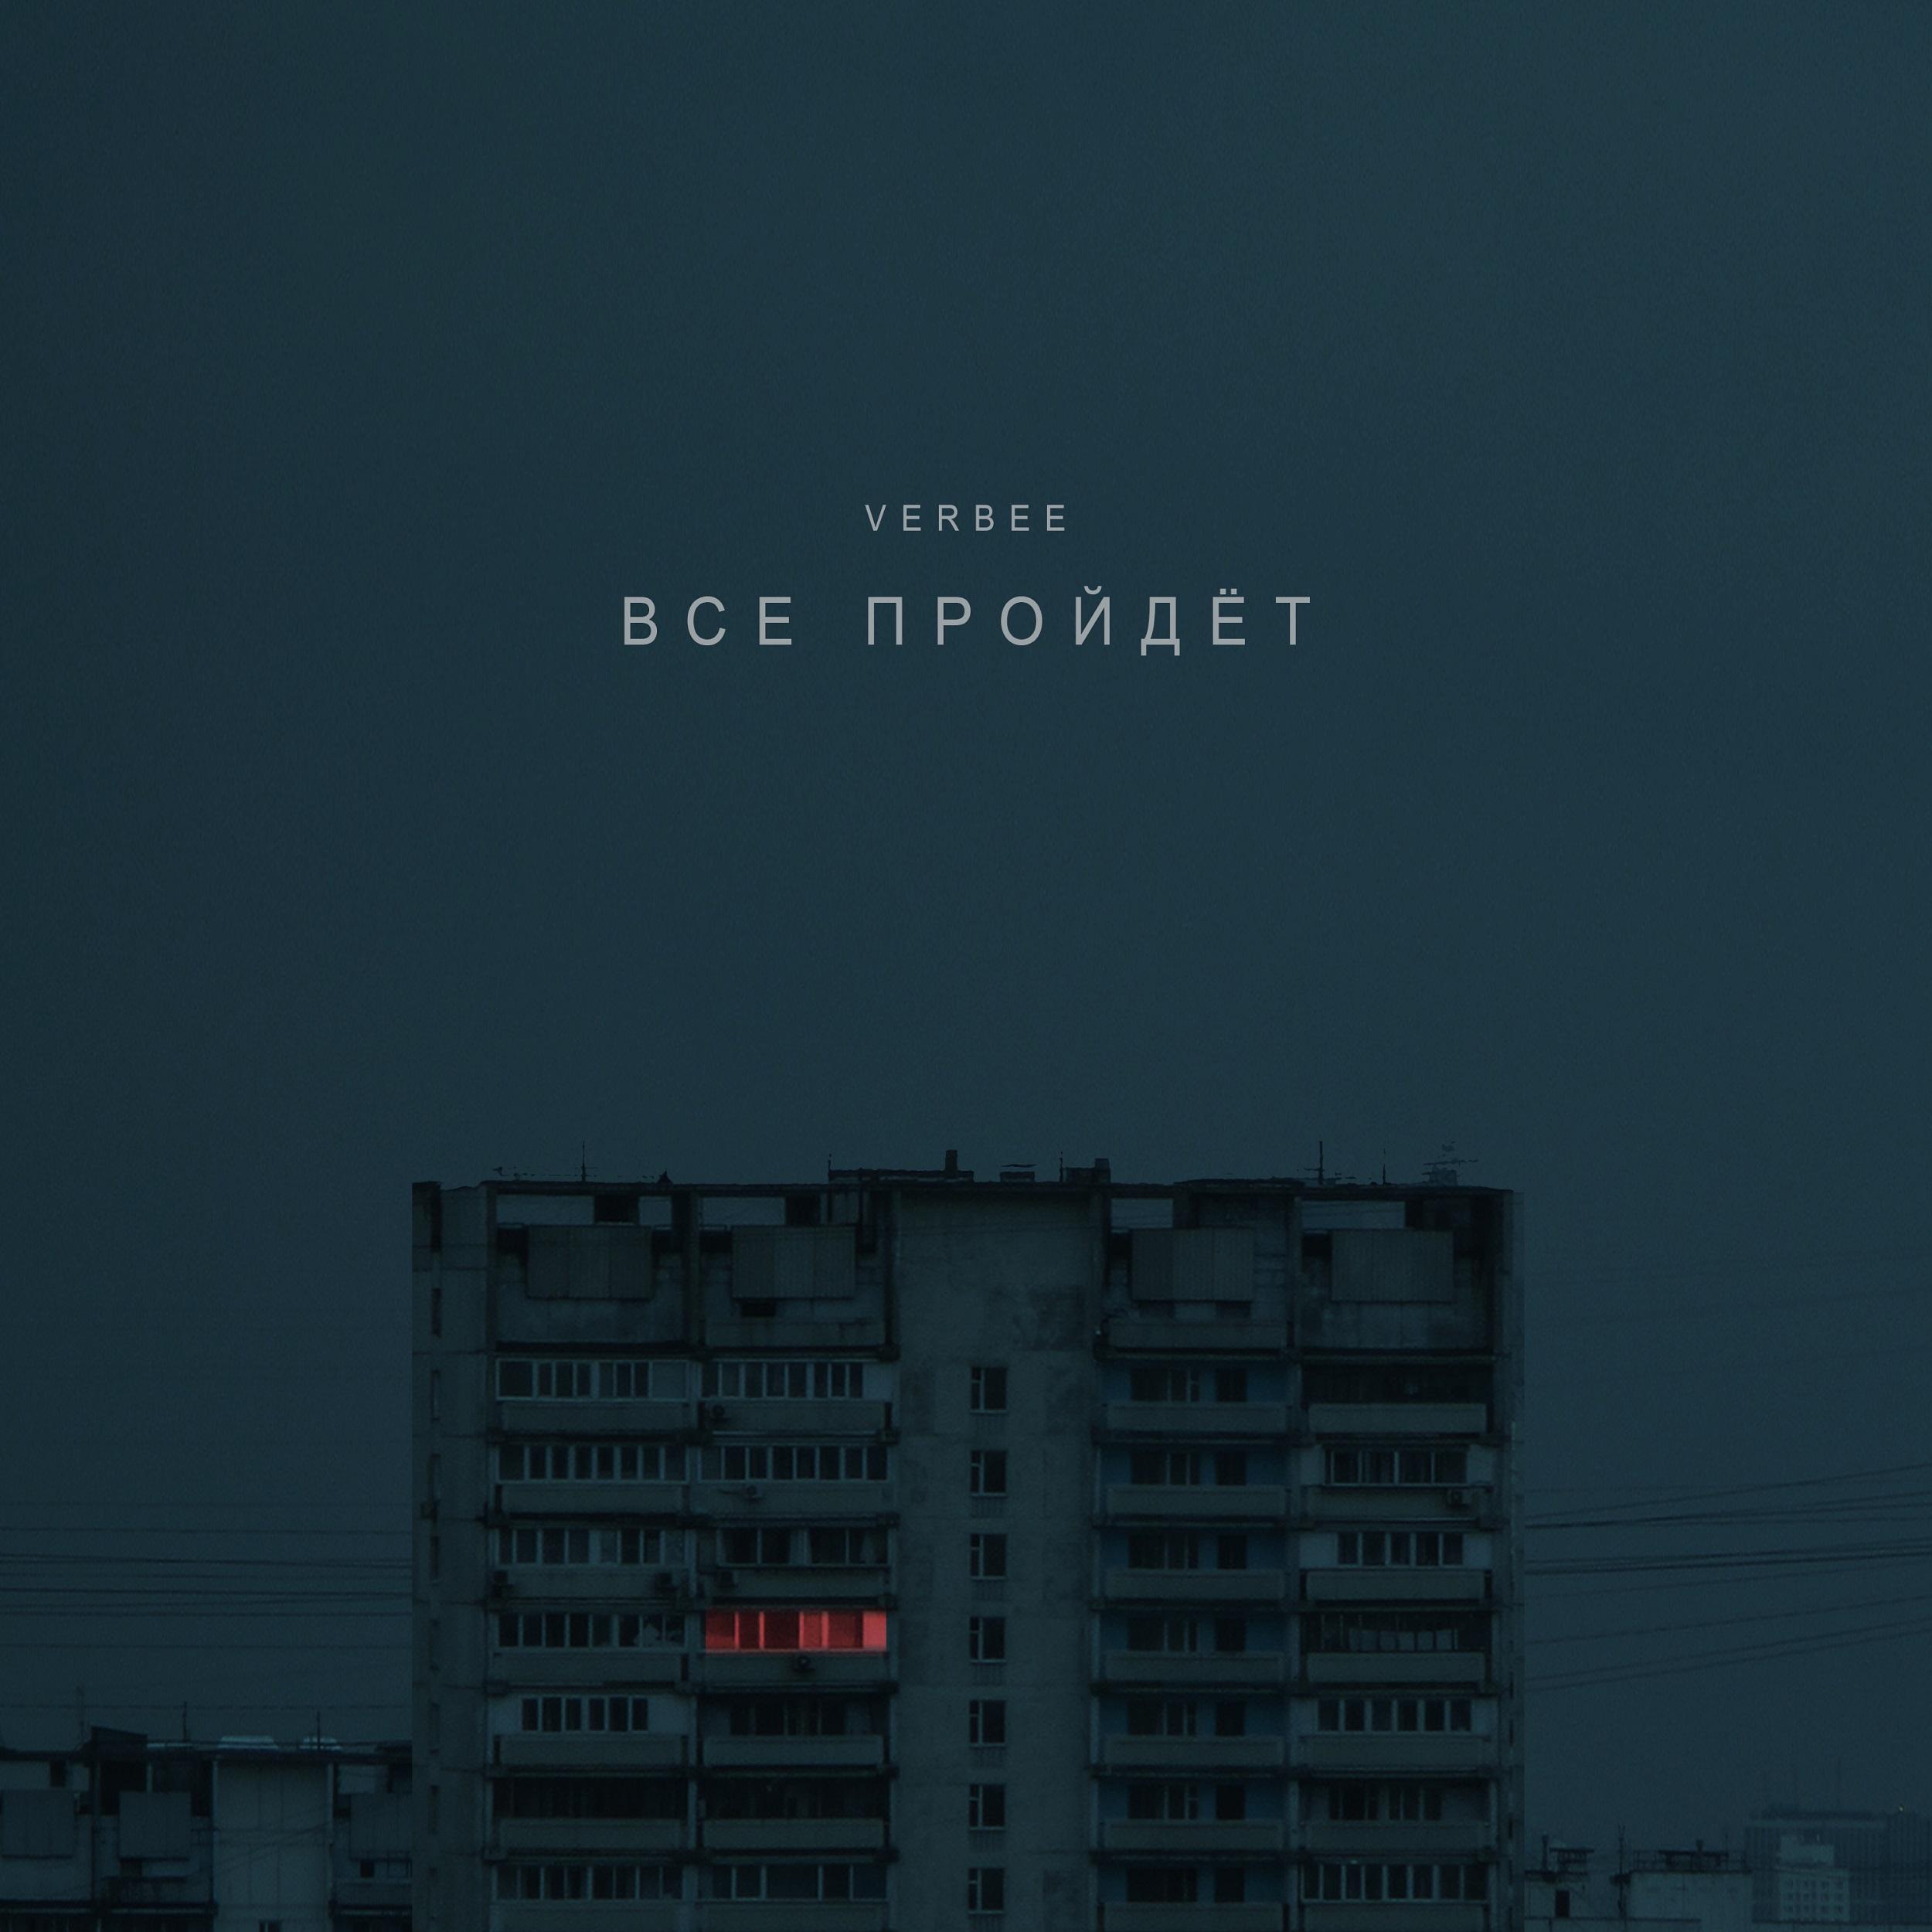 Поздравляем VERBEE, сингл «Все пройдет» дебютирует на 38 строке чарта ВКонтакте!